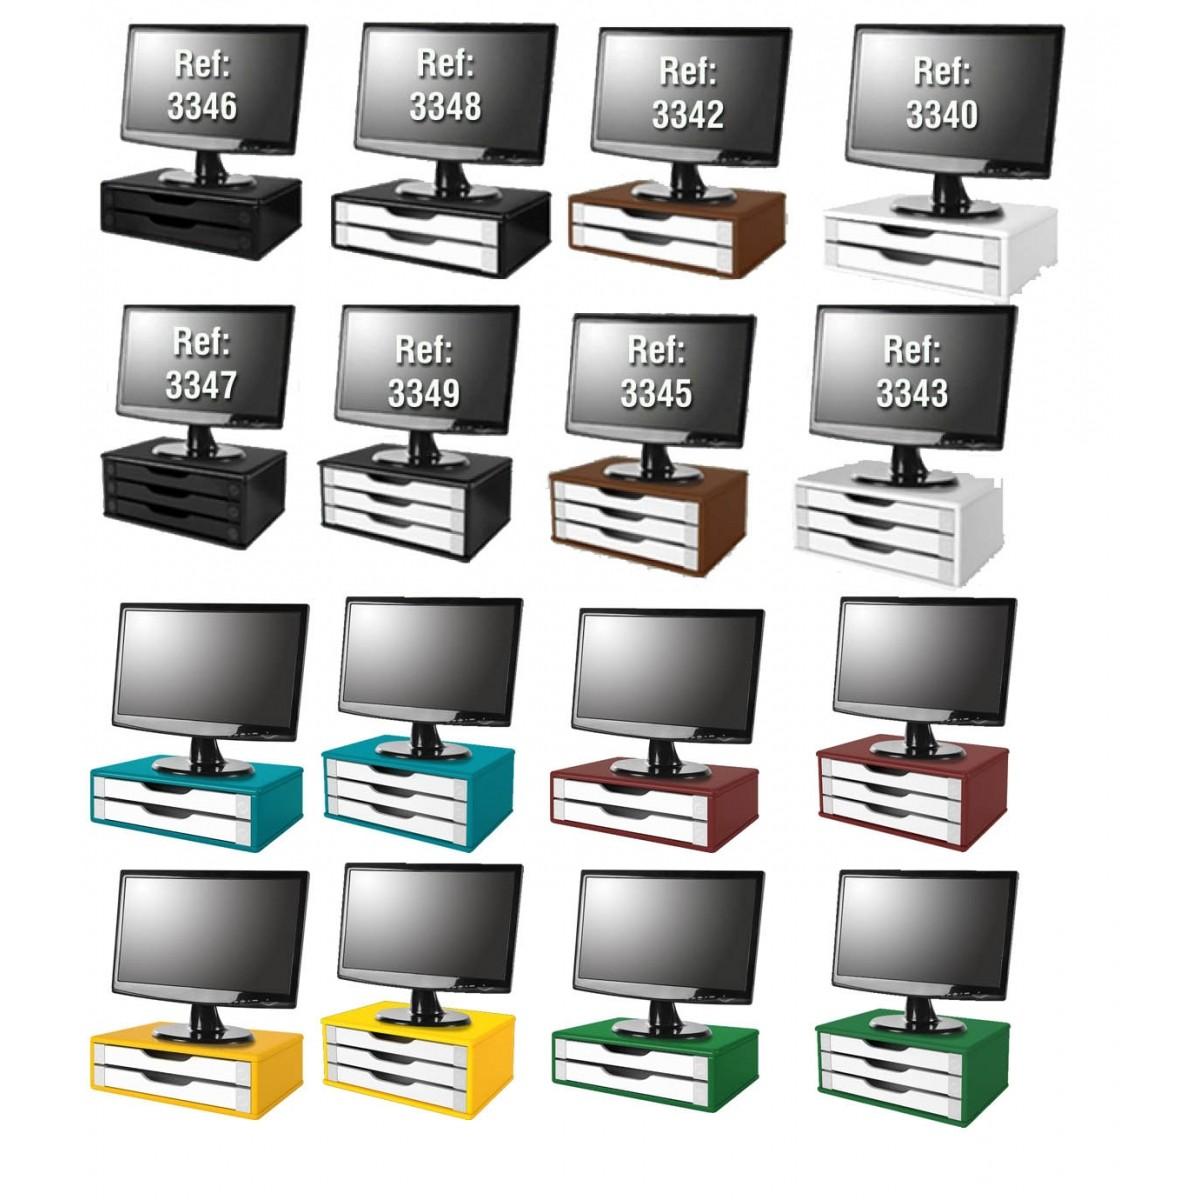 Conj com 4 Suportes Para Monitor em MDF Black Piano com 2 Gavetas Black Piano Referência 3346